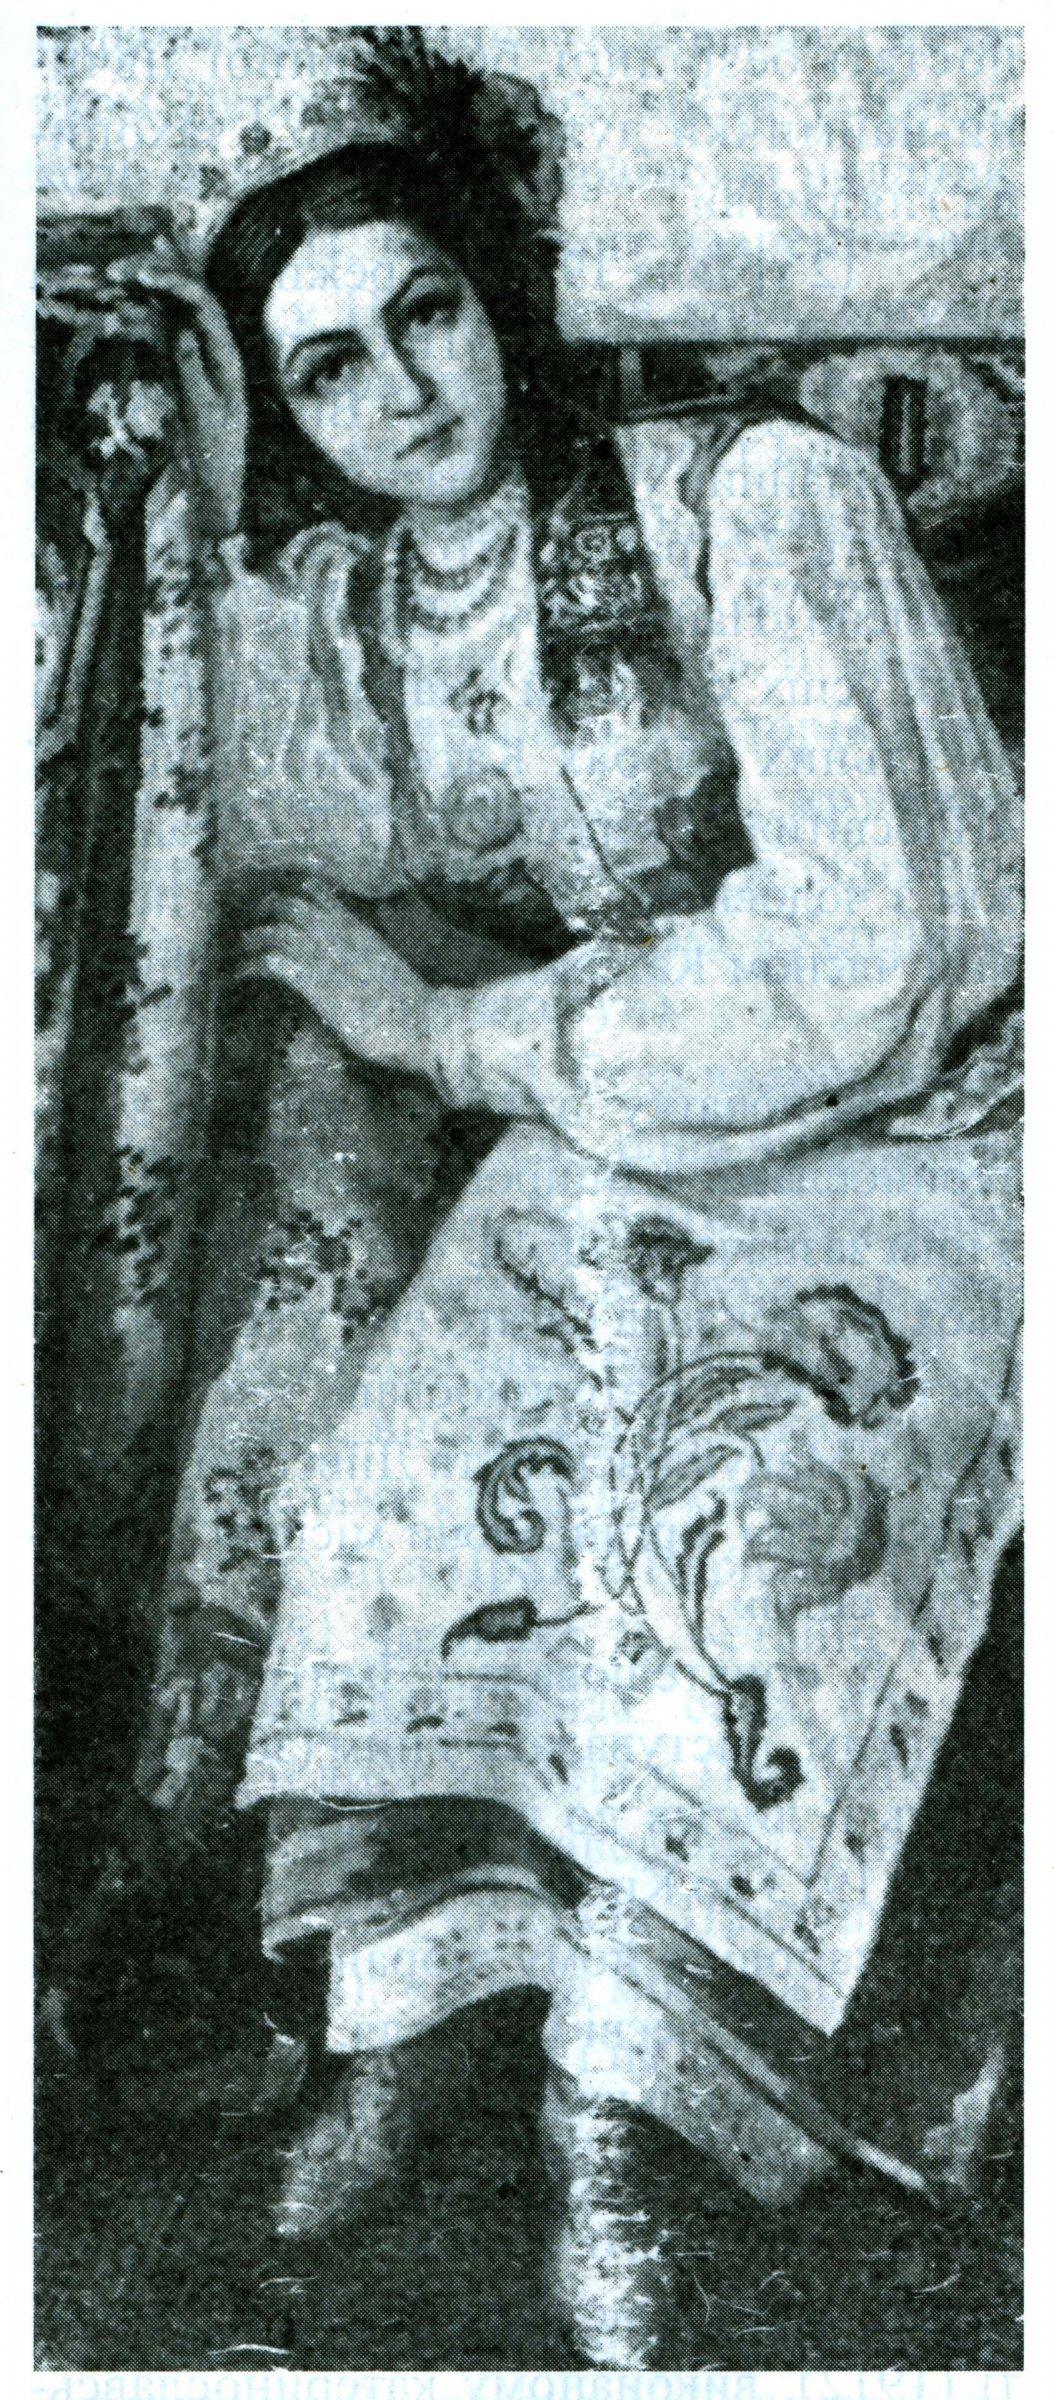 Фото Портрет Наталі Дорошенко. 1912. Художник В. Коренєв. З колекції Дніпропетровського художнього музею